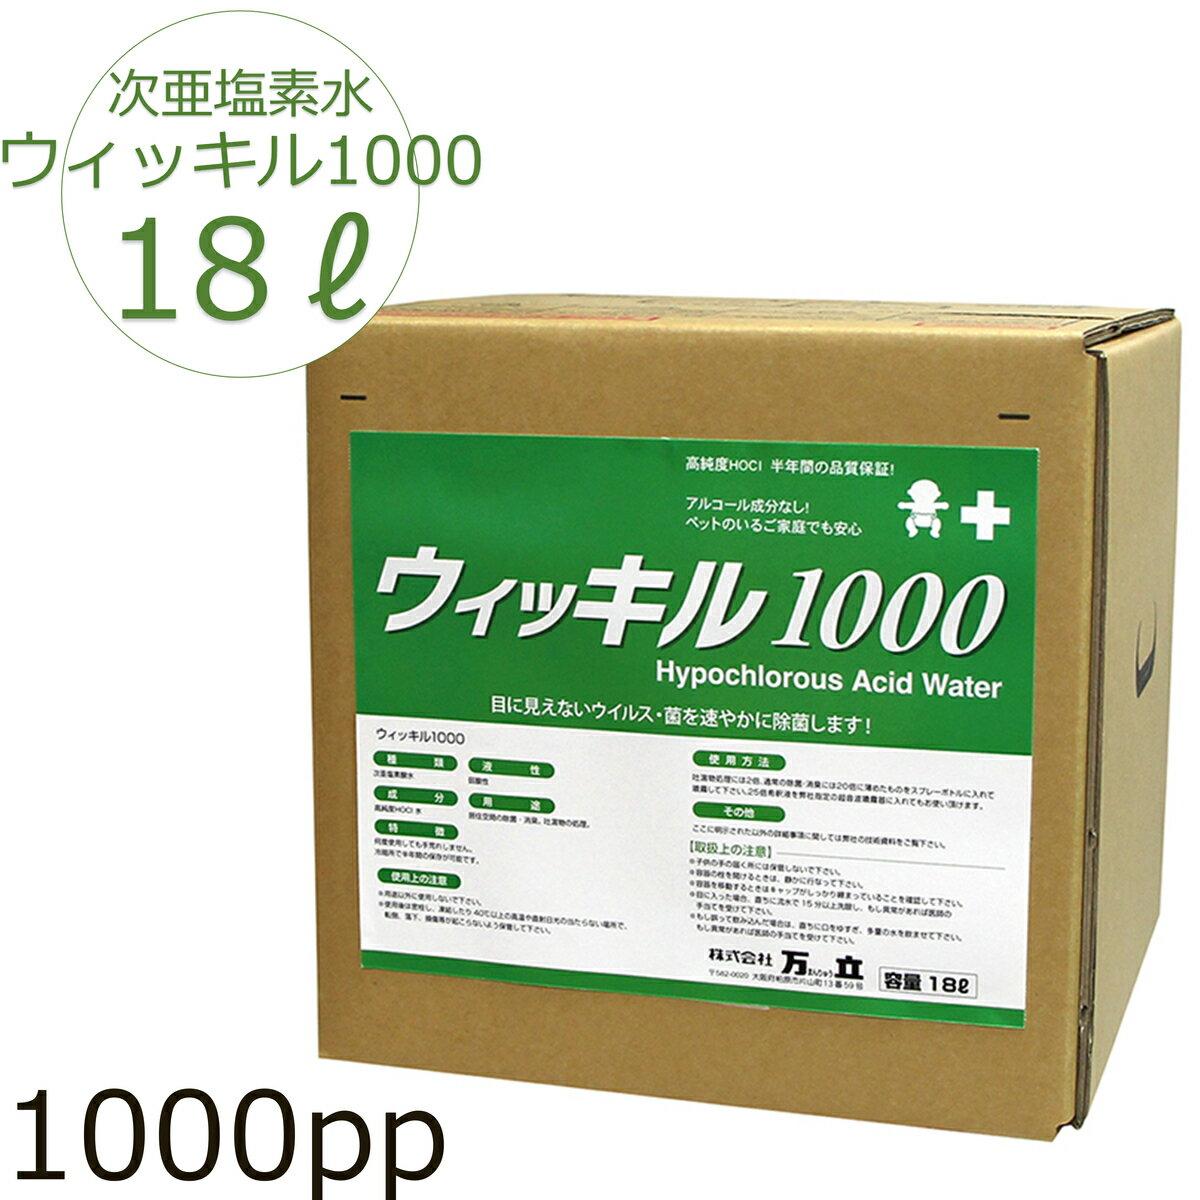 洗剤・柔軟剤・クリーナー, 除菌剤 1000ppm18L2.5